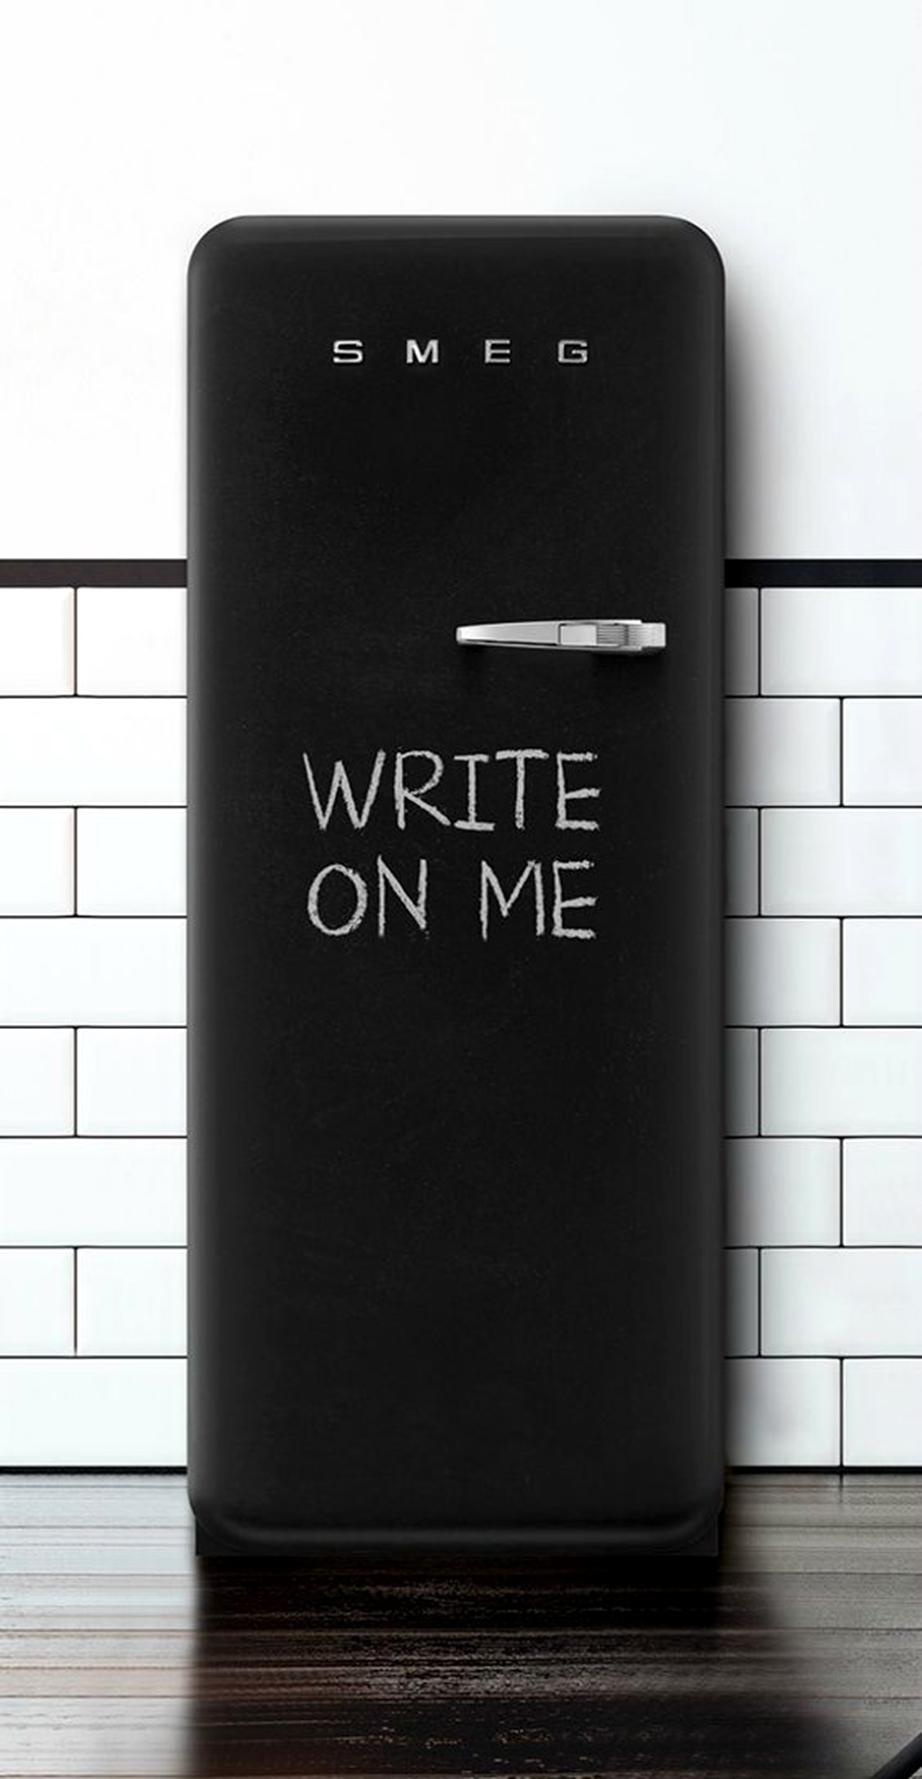 Βάψτε με χρώμα μαυροπίνακα το ψυγείο σας και αλλάξτε του την εικόνα καθημερινά.